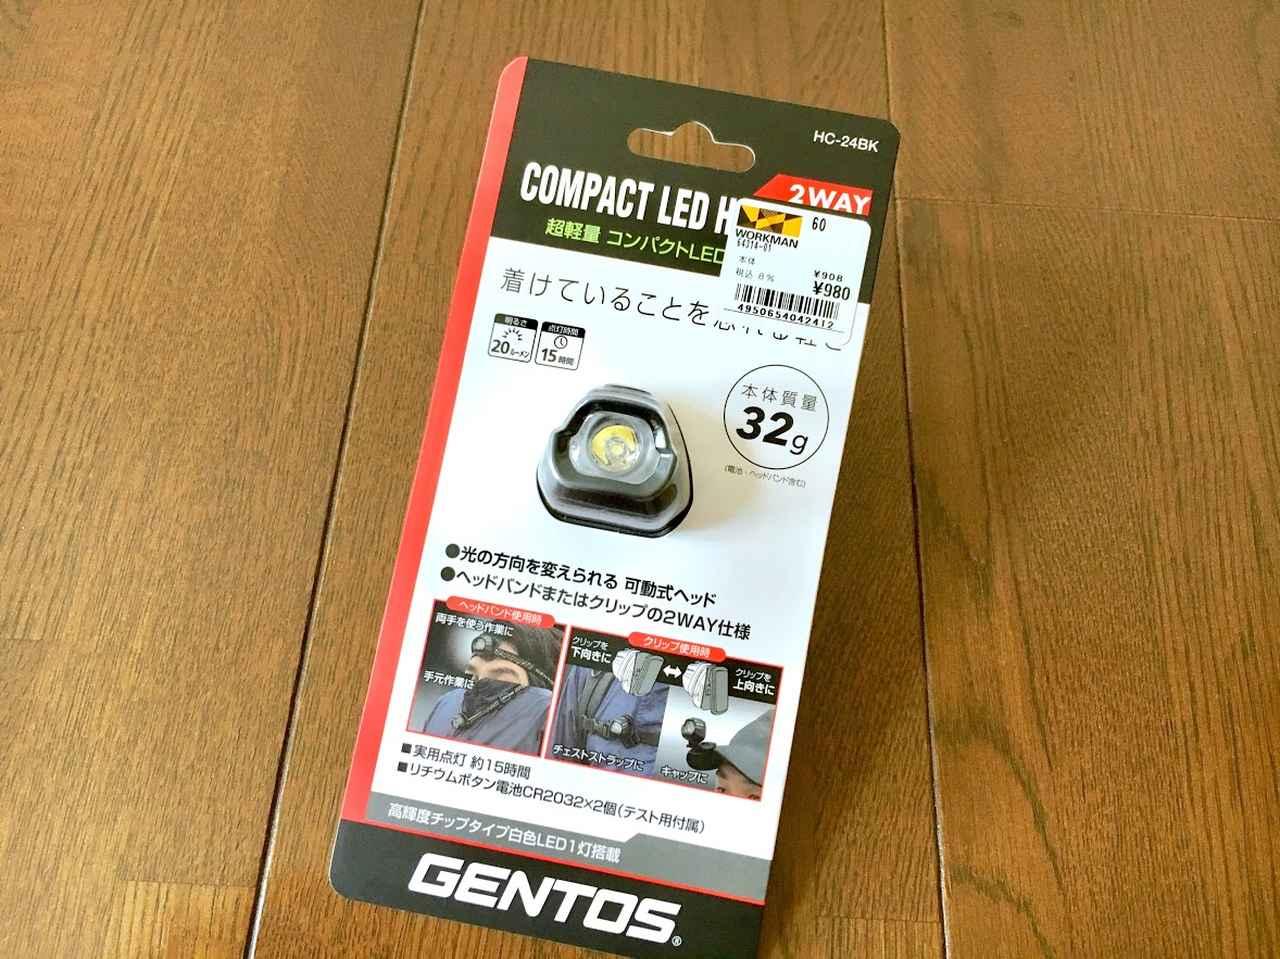 画像: 筆者撮影 「ワークマンに売っていたGENTOS 小型LEDヘッドライト HC-24BK」